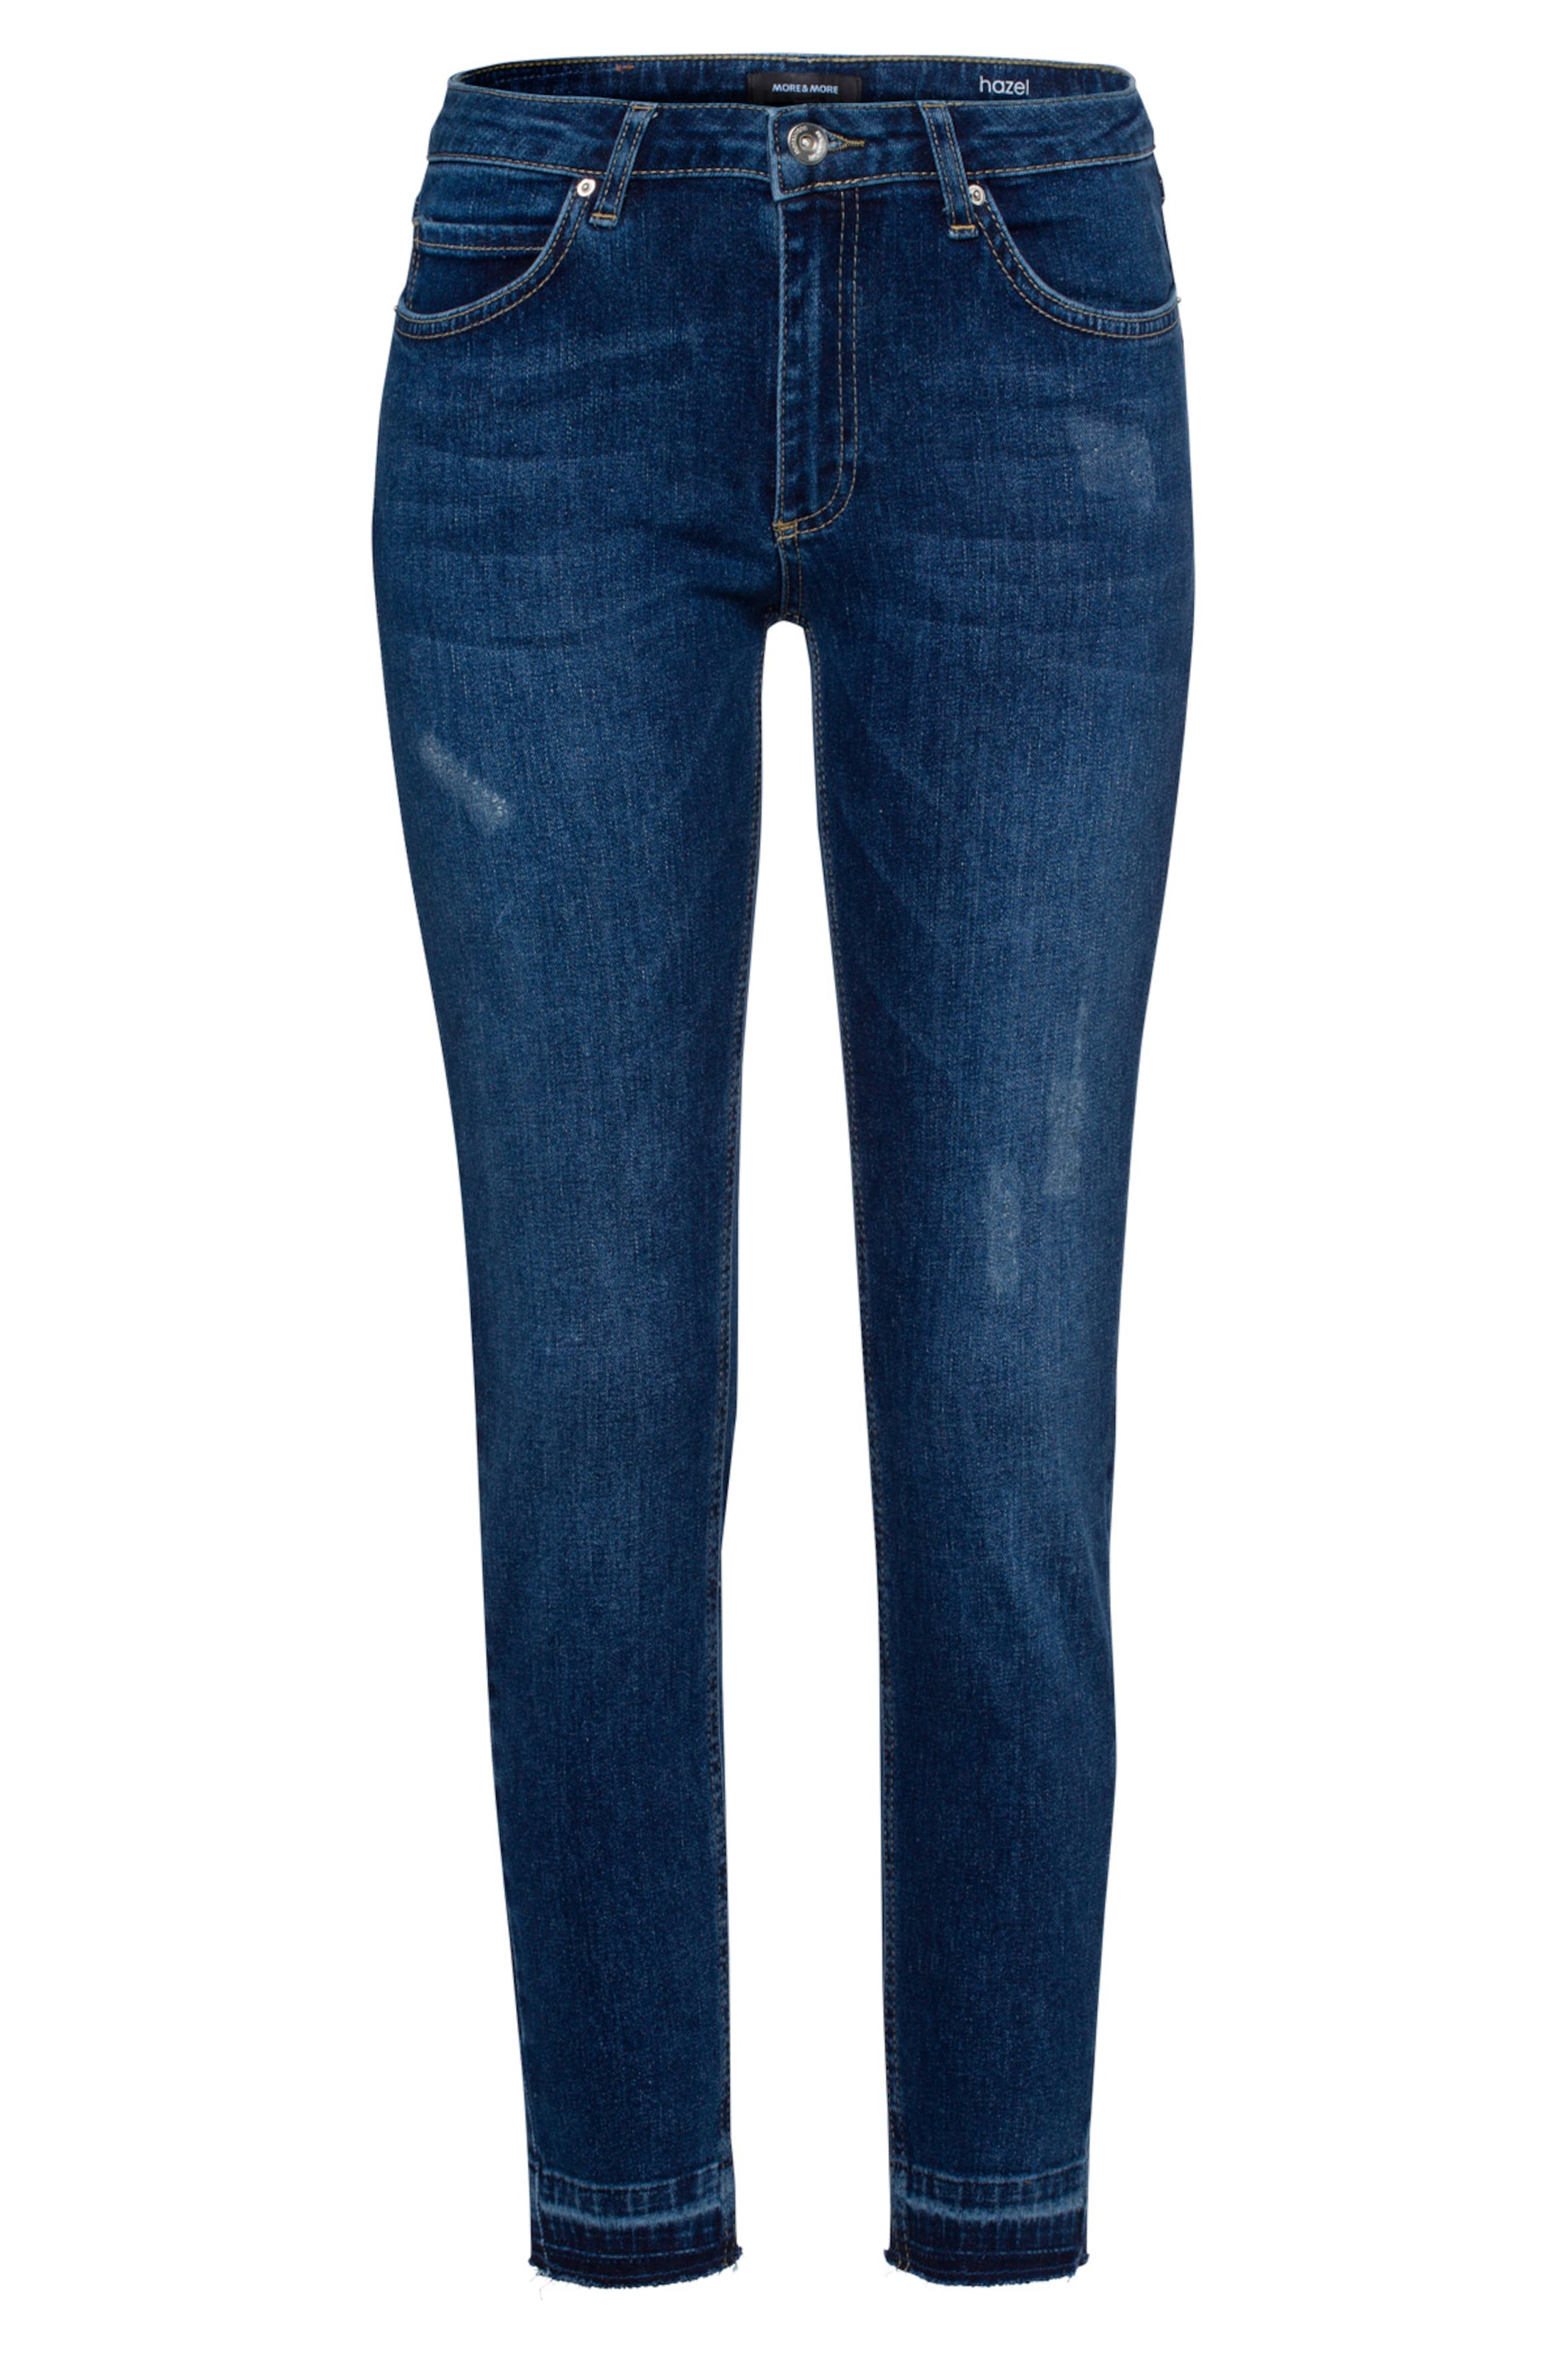 Blue Denim Moreamp; In 'hazel' Jeans 4RL5Aq3j